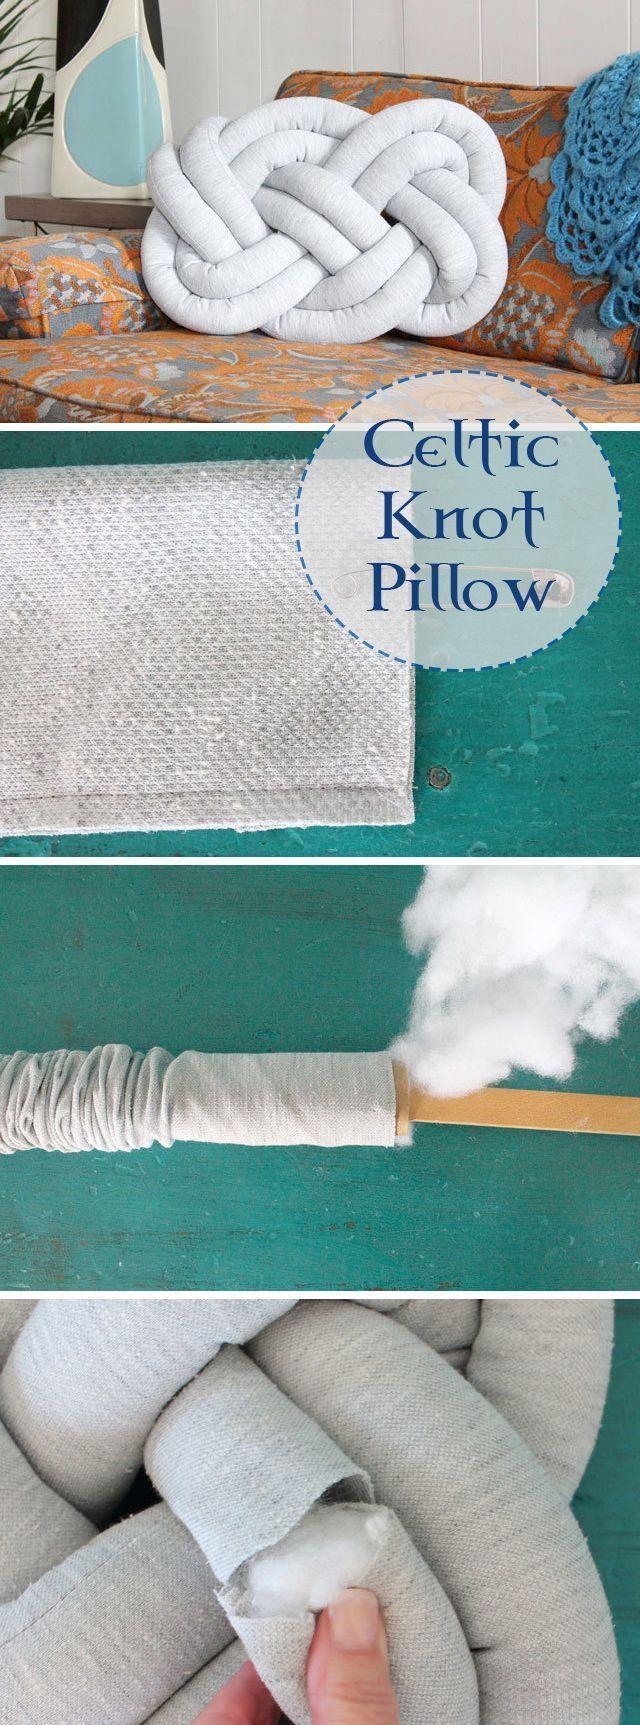 Diy Squishy Knot Pillow : Best 25+ Diy pillow chair ideas on Pinterest Diy hammock, Crochet hammock diy and Quilt pillow ...